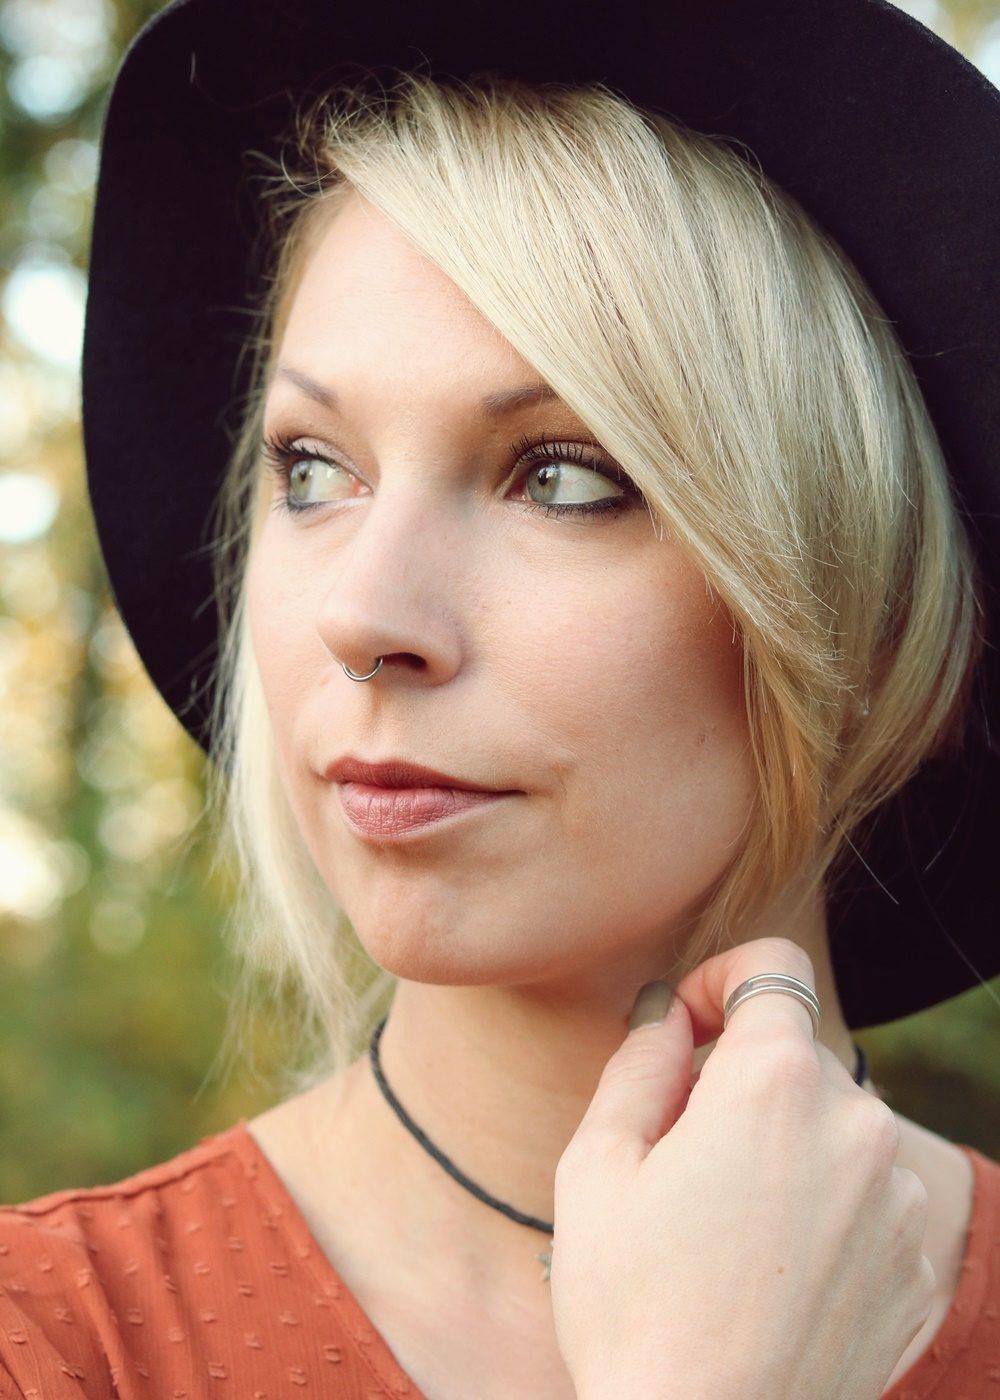 modeblogger-karlsruhe-outfit-herbst-kleid-vero-moda-rostrot-schwarzer-mantel-overknees-17-von-27